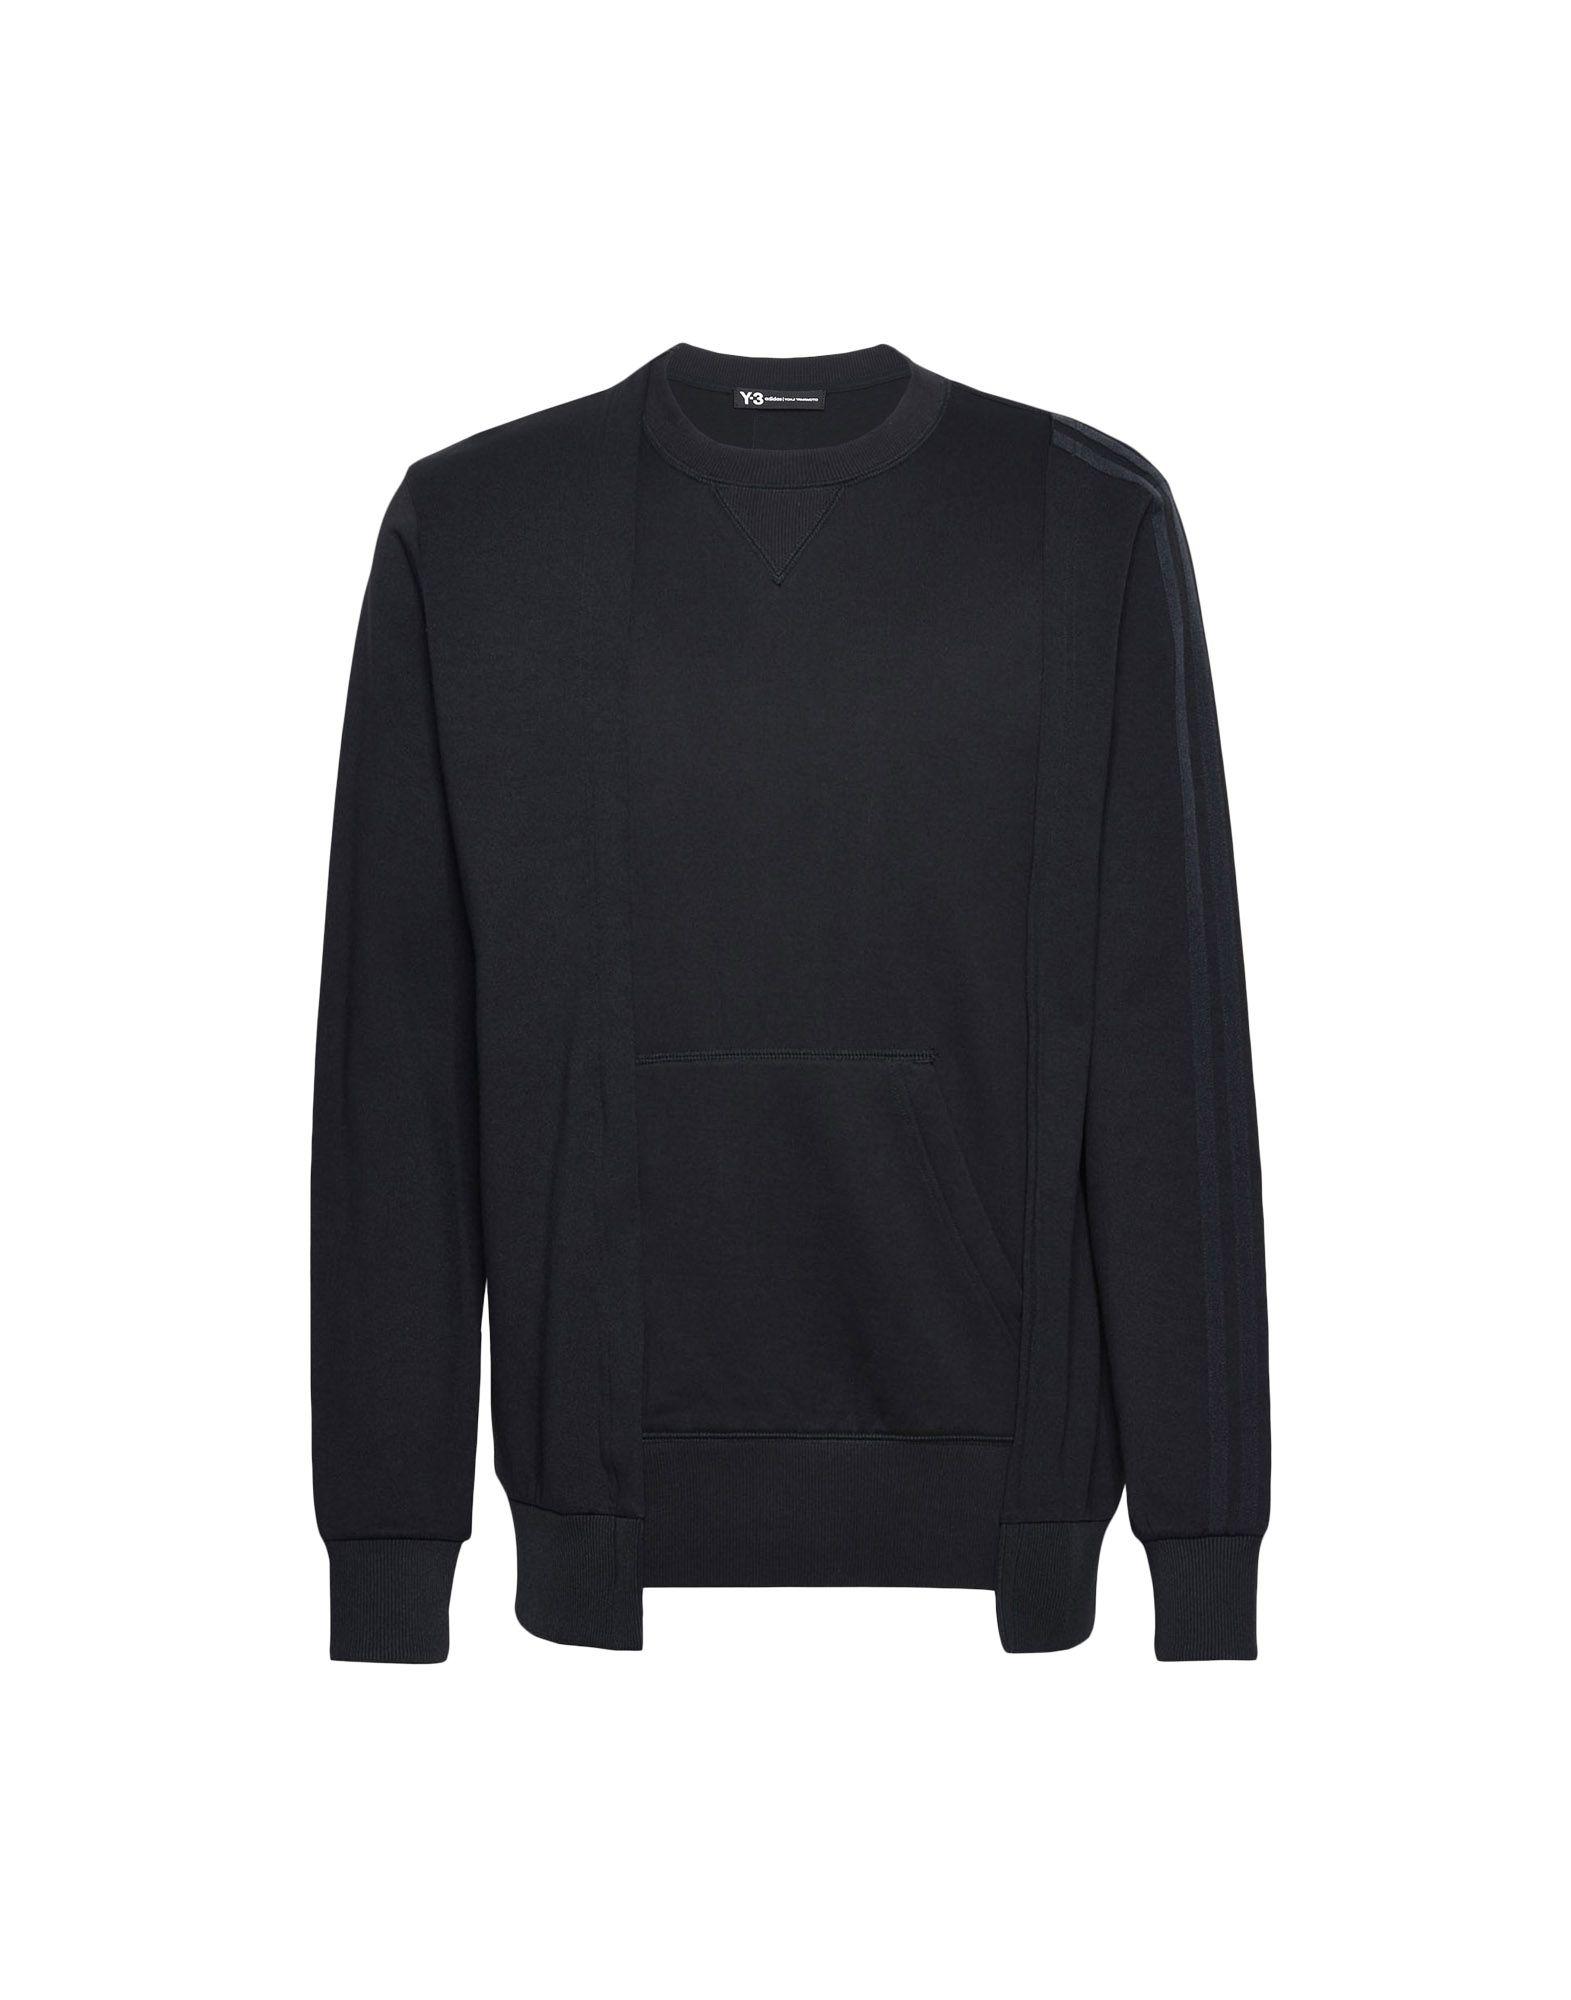 Y-3 Y-3 Patchwork Sweater Sweatshirt Man f